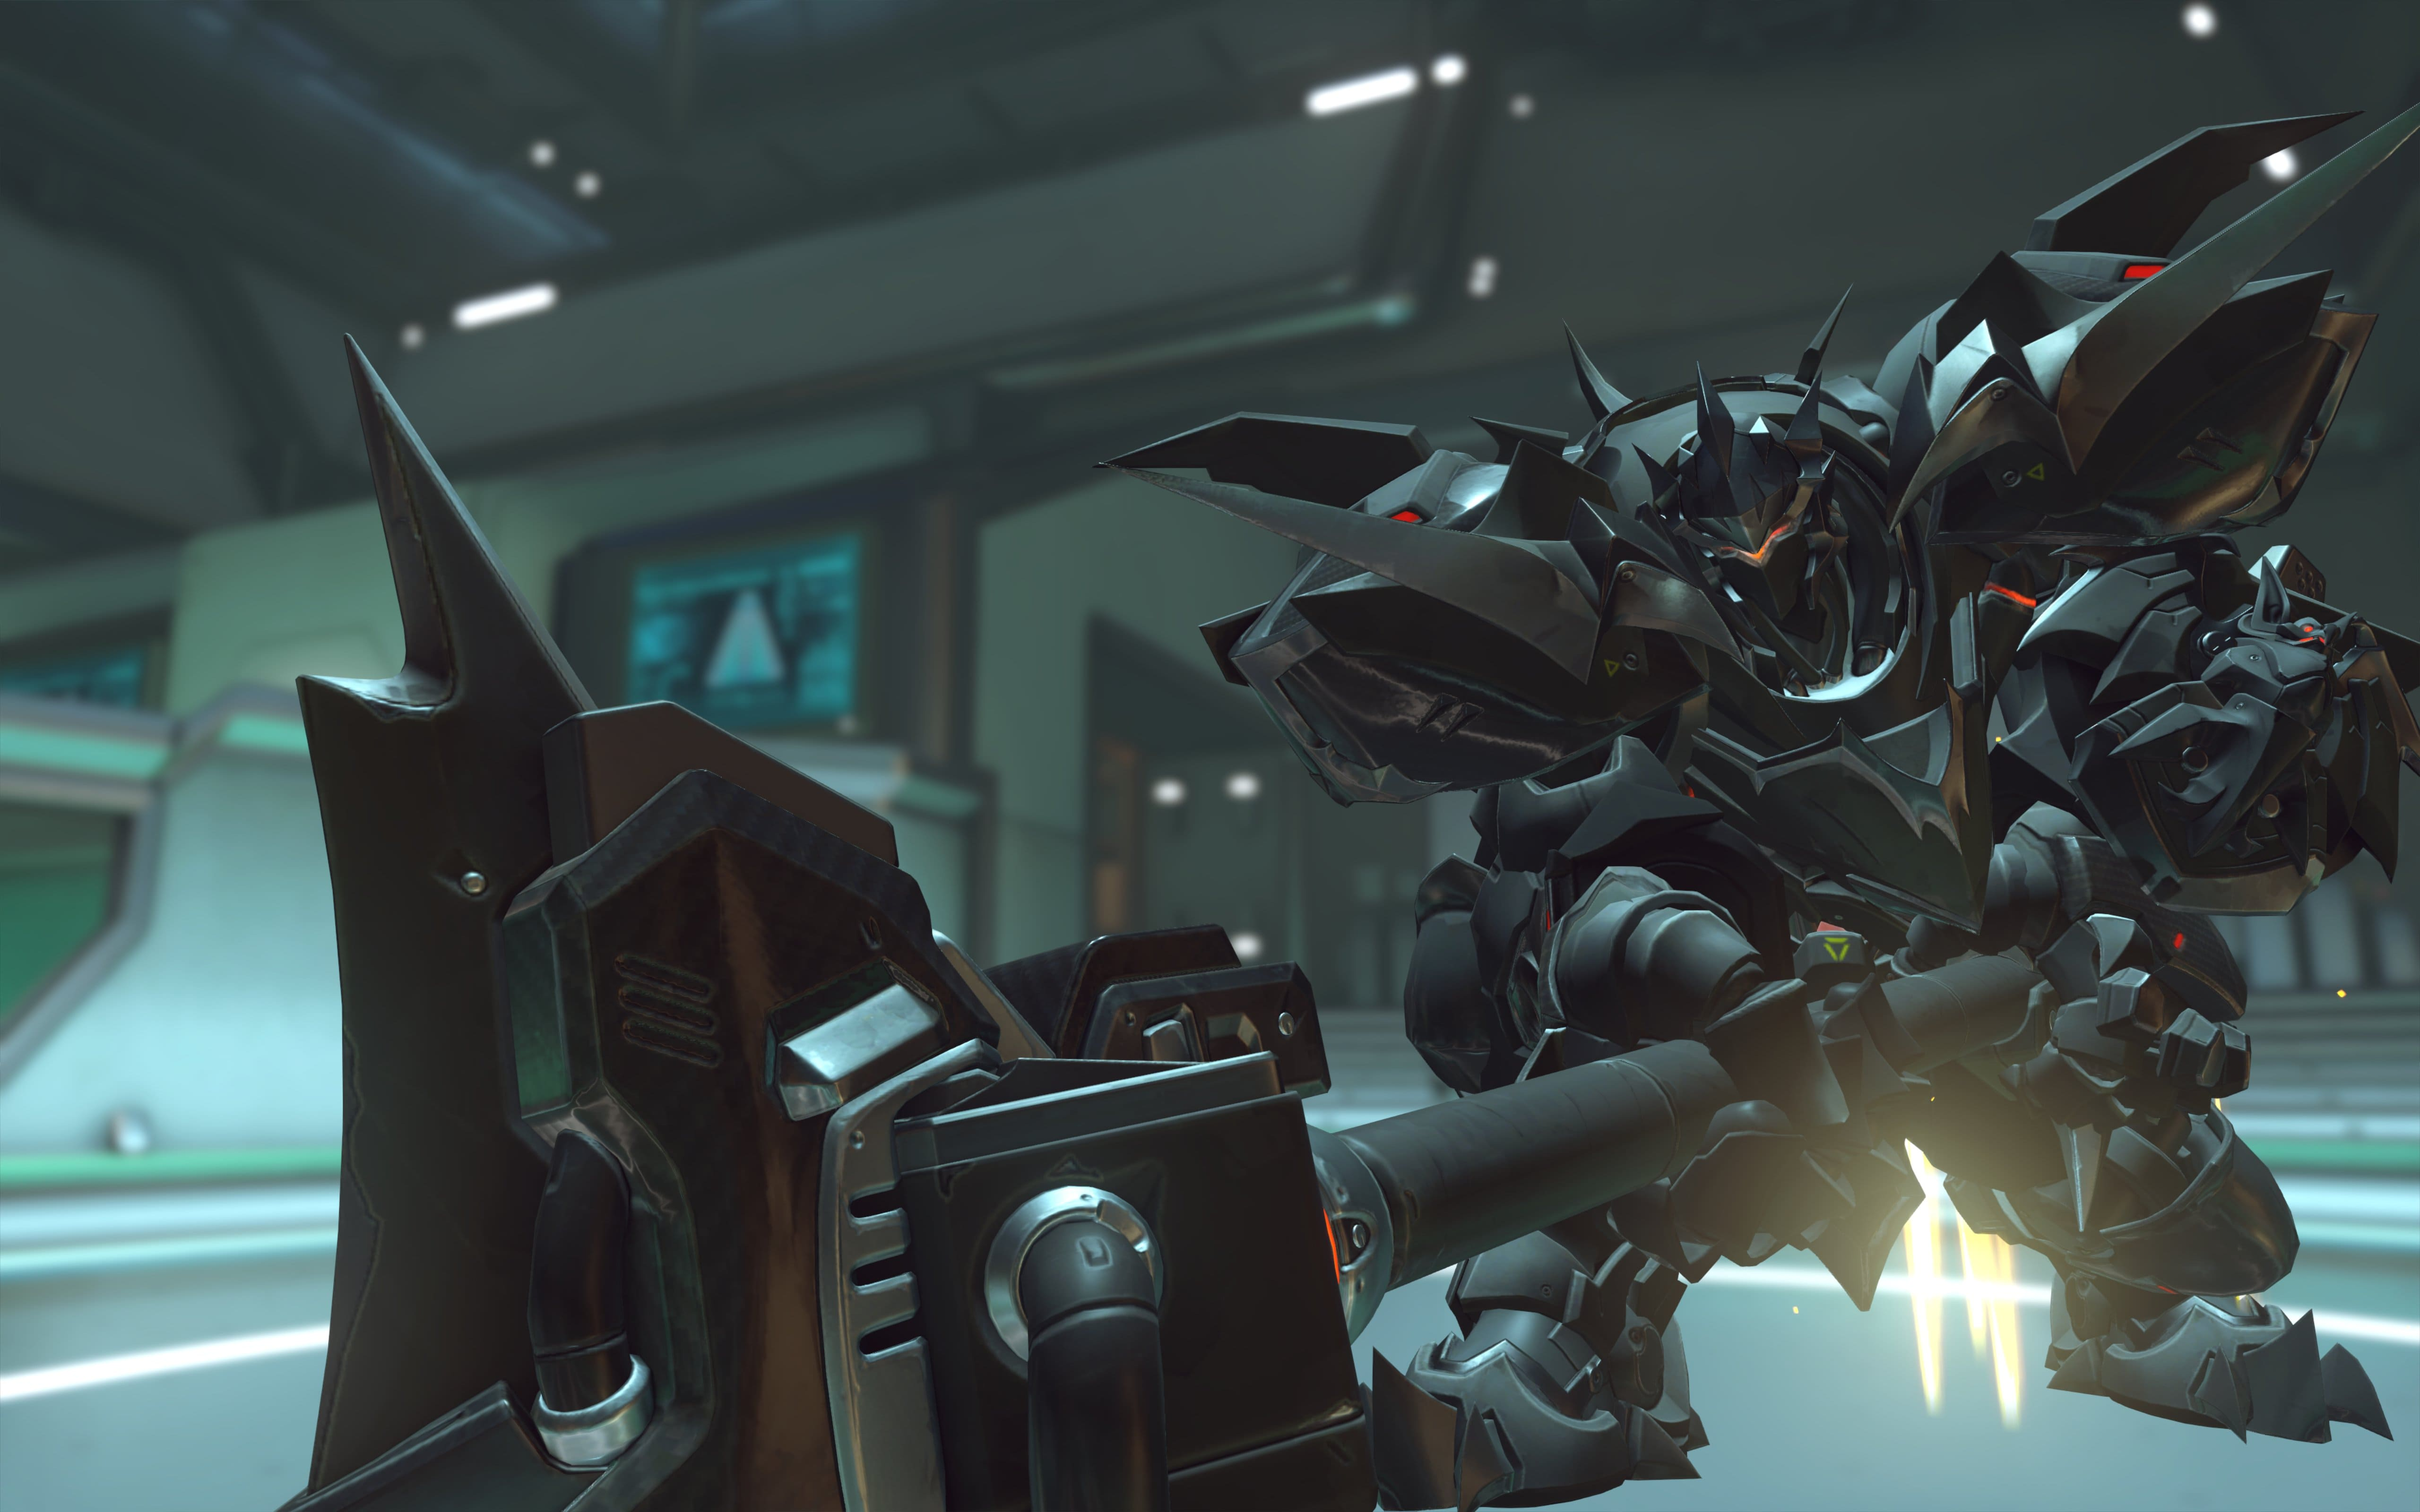 Overwatch : Reinhardt Widescreen